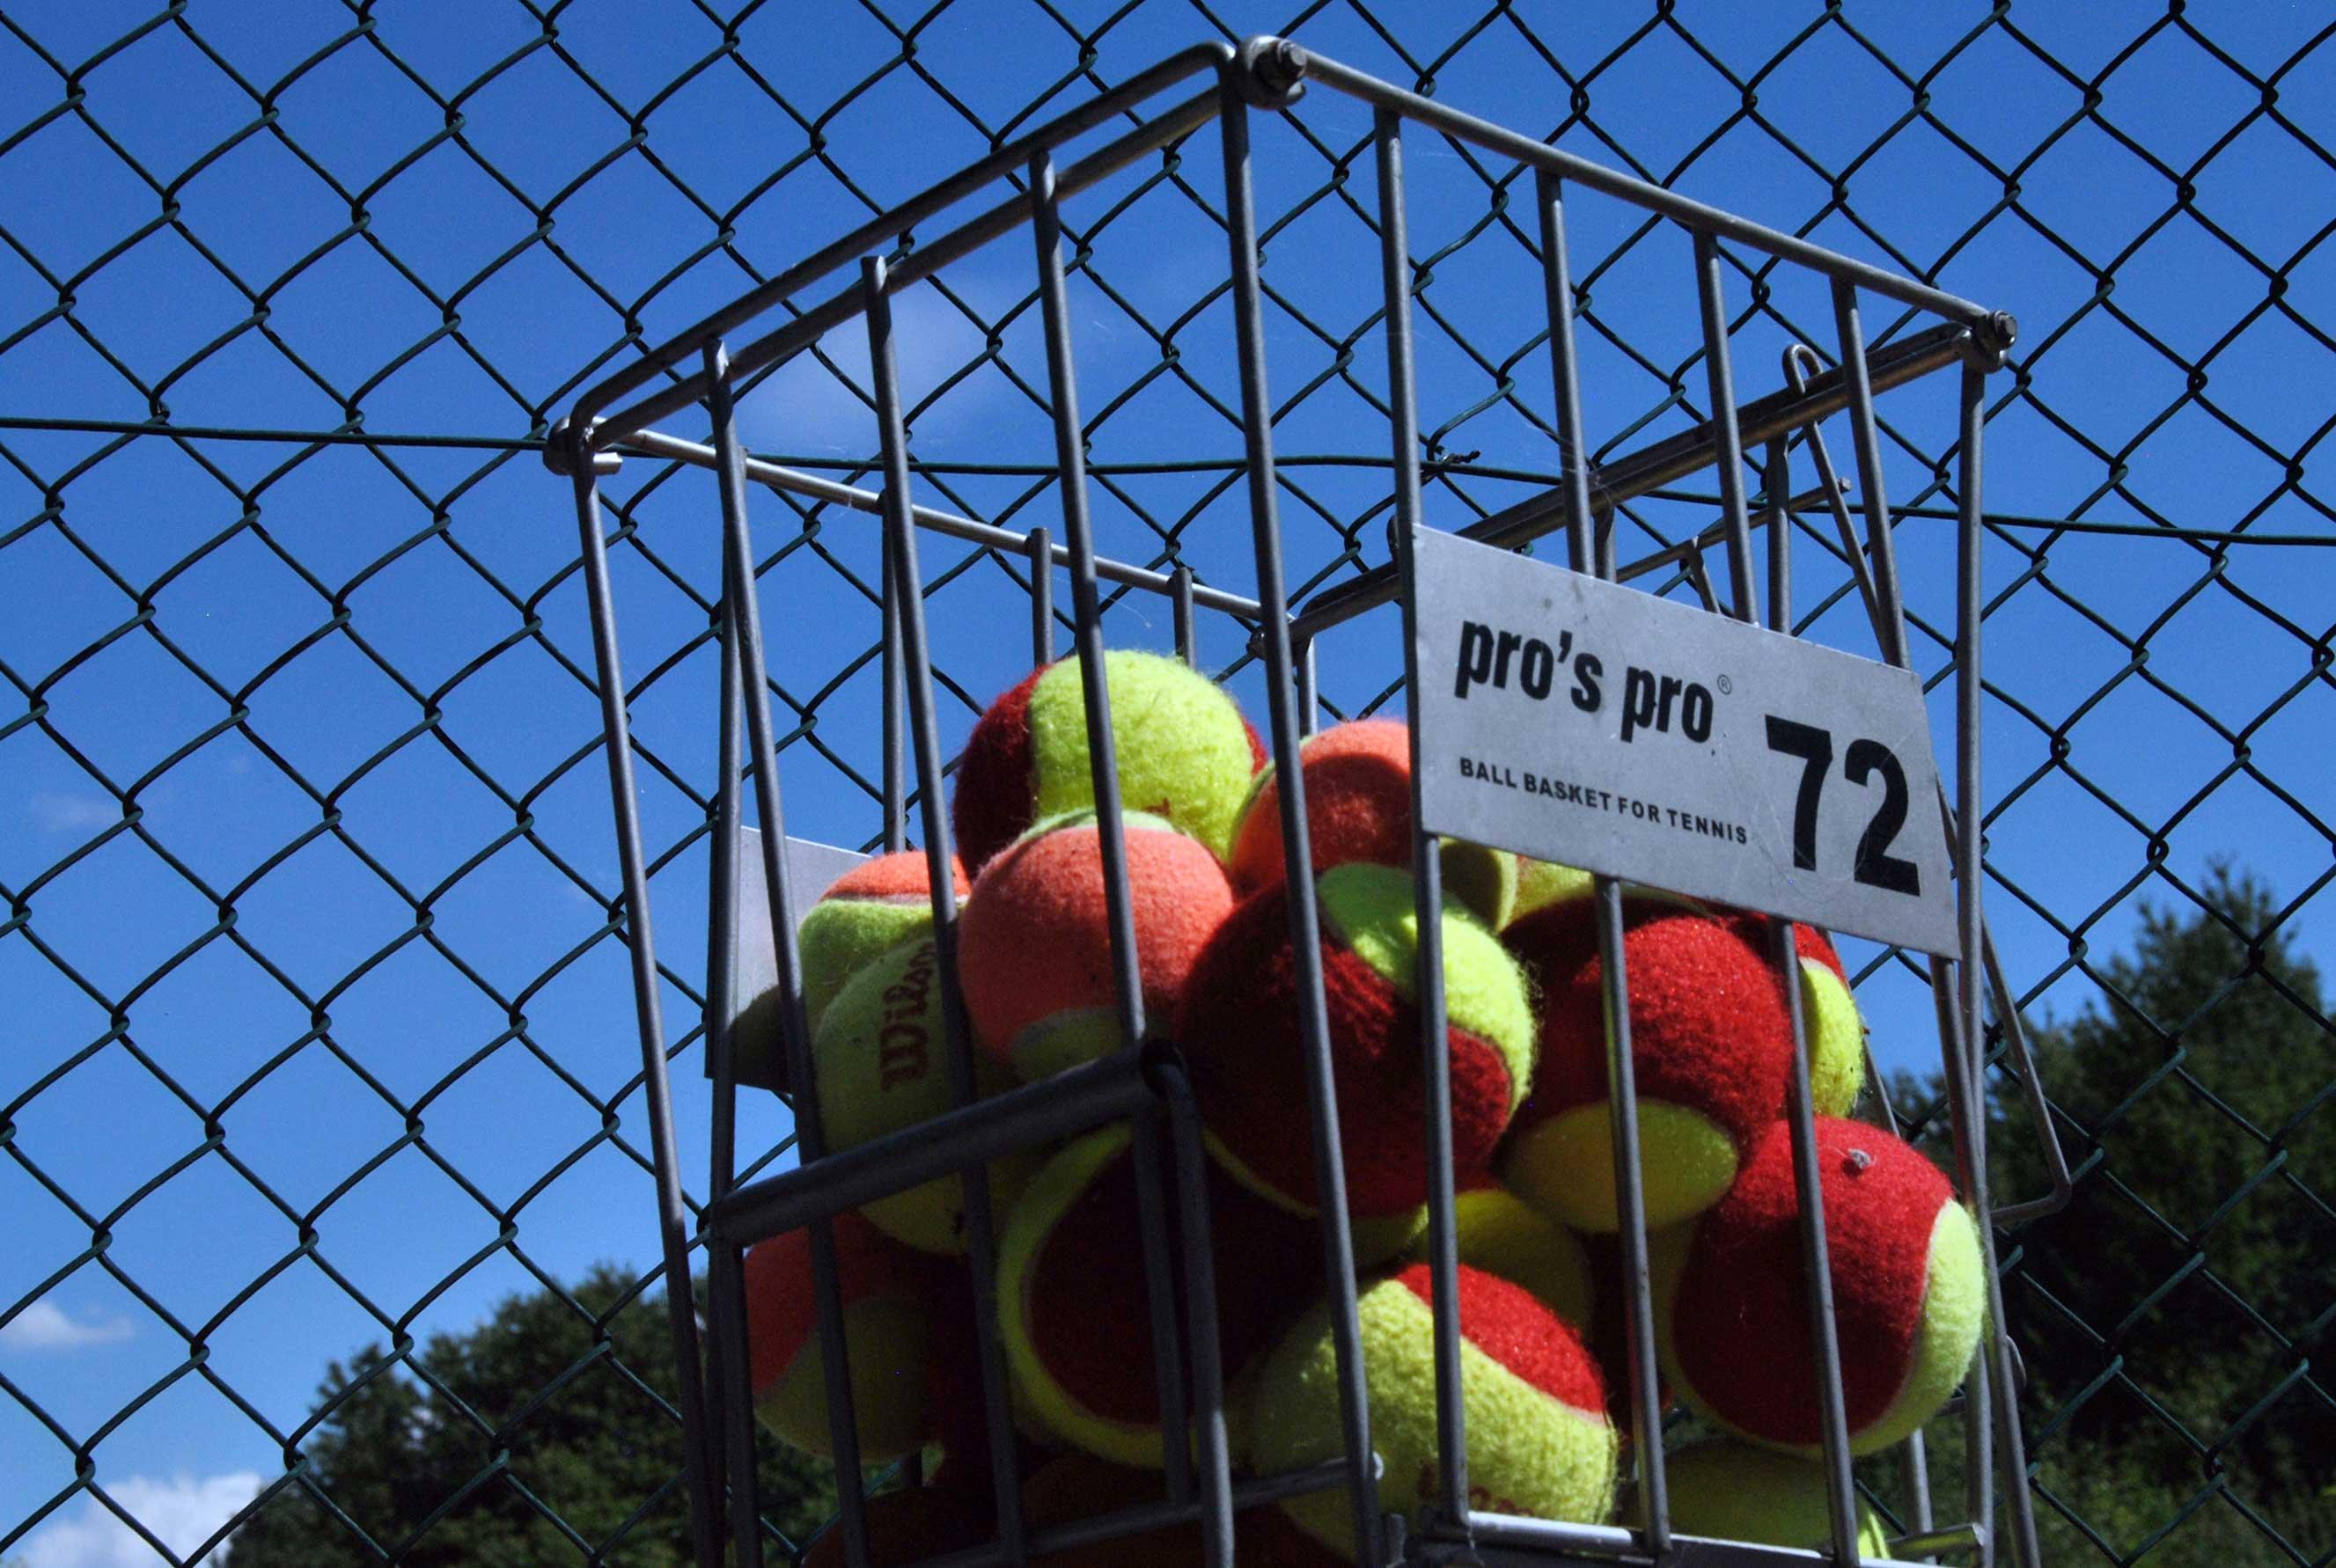 Trainingsbälle - Tennisabteilung des TUS Gutenberg